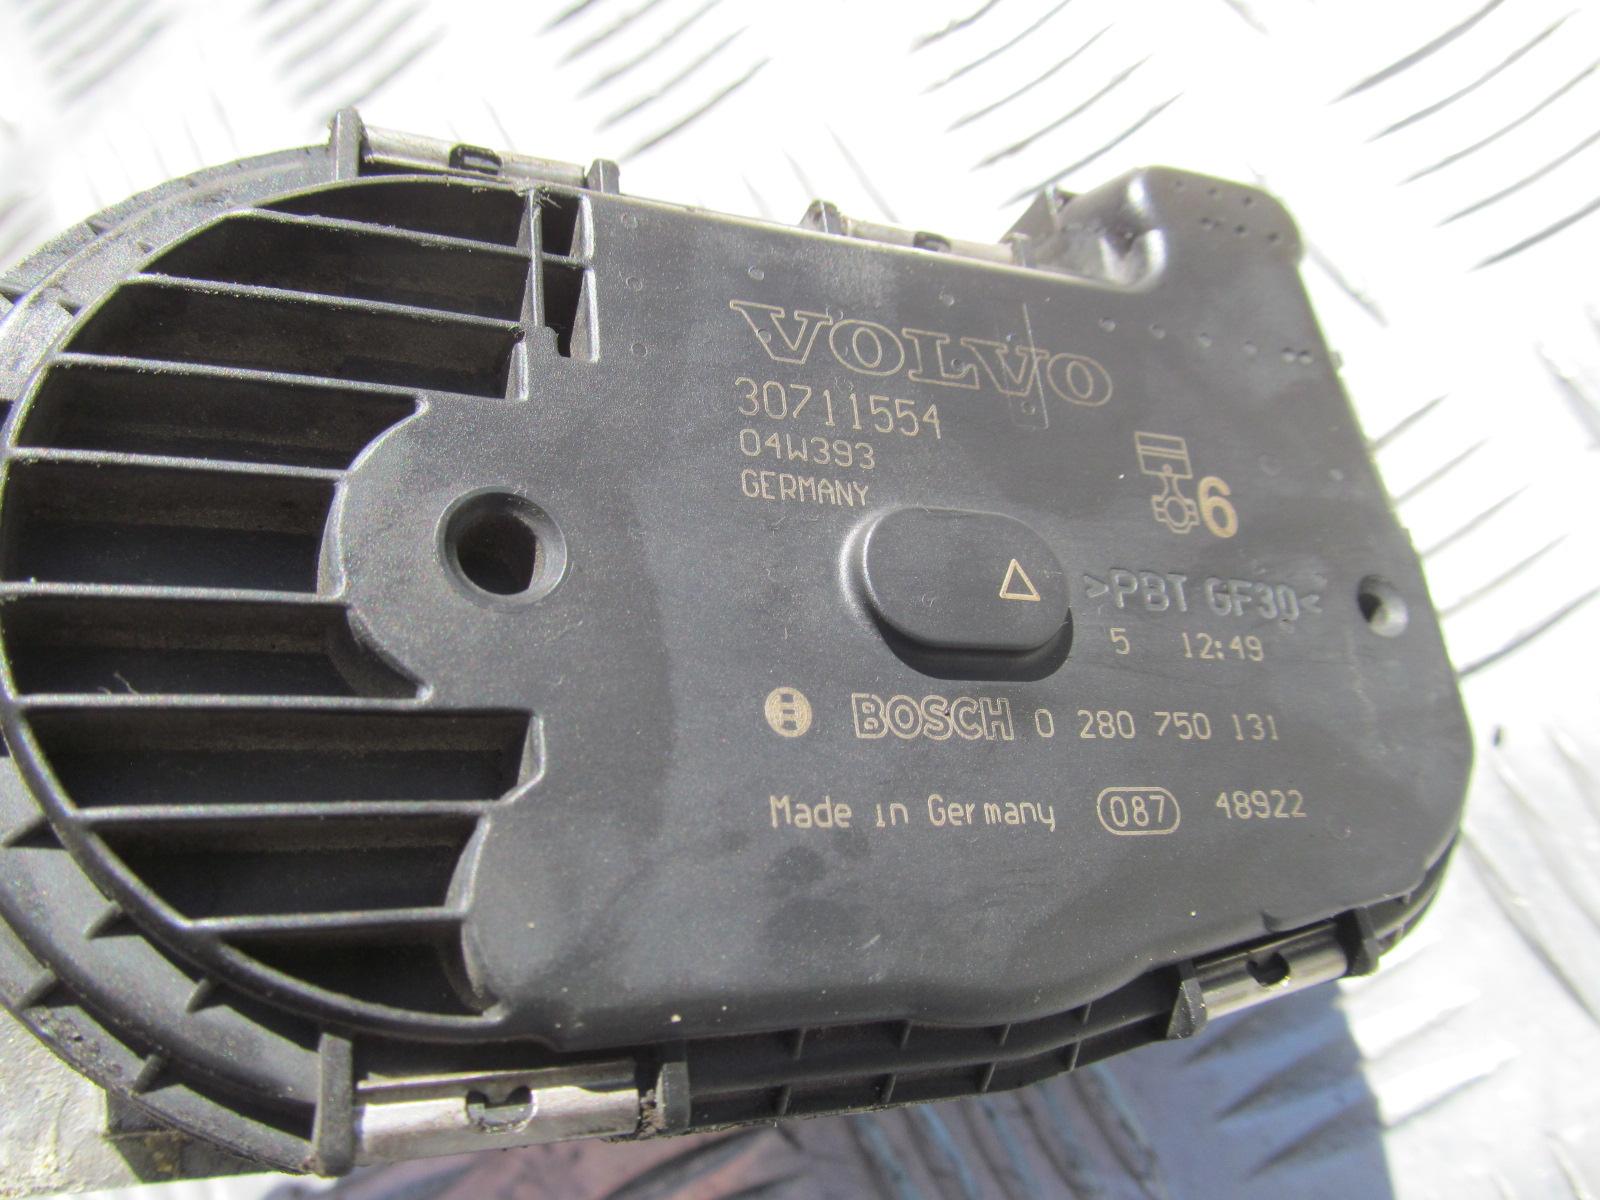 Przepustnica 30711554 Volvo XC90 2 9 T6 2004 W-w - 7334236555